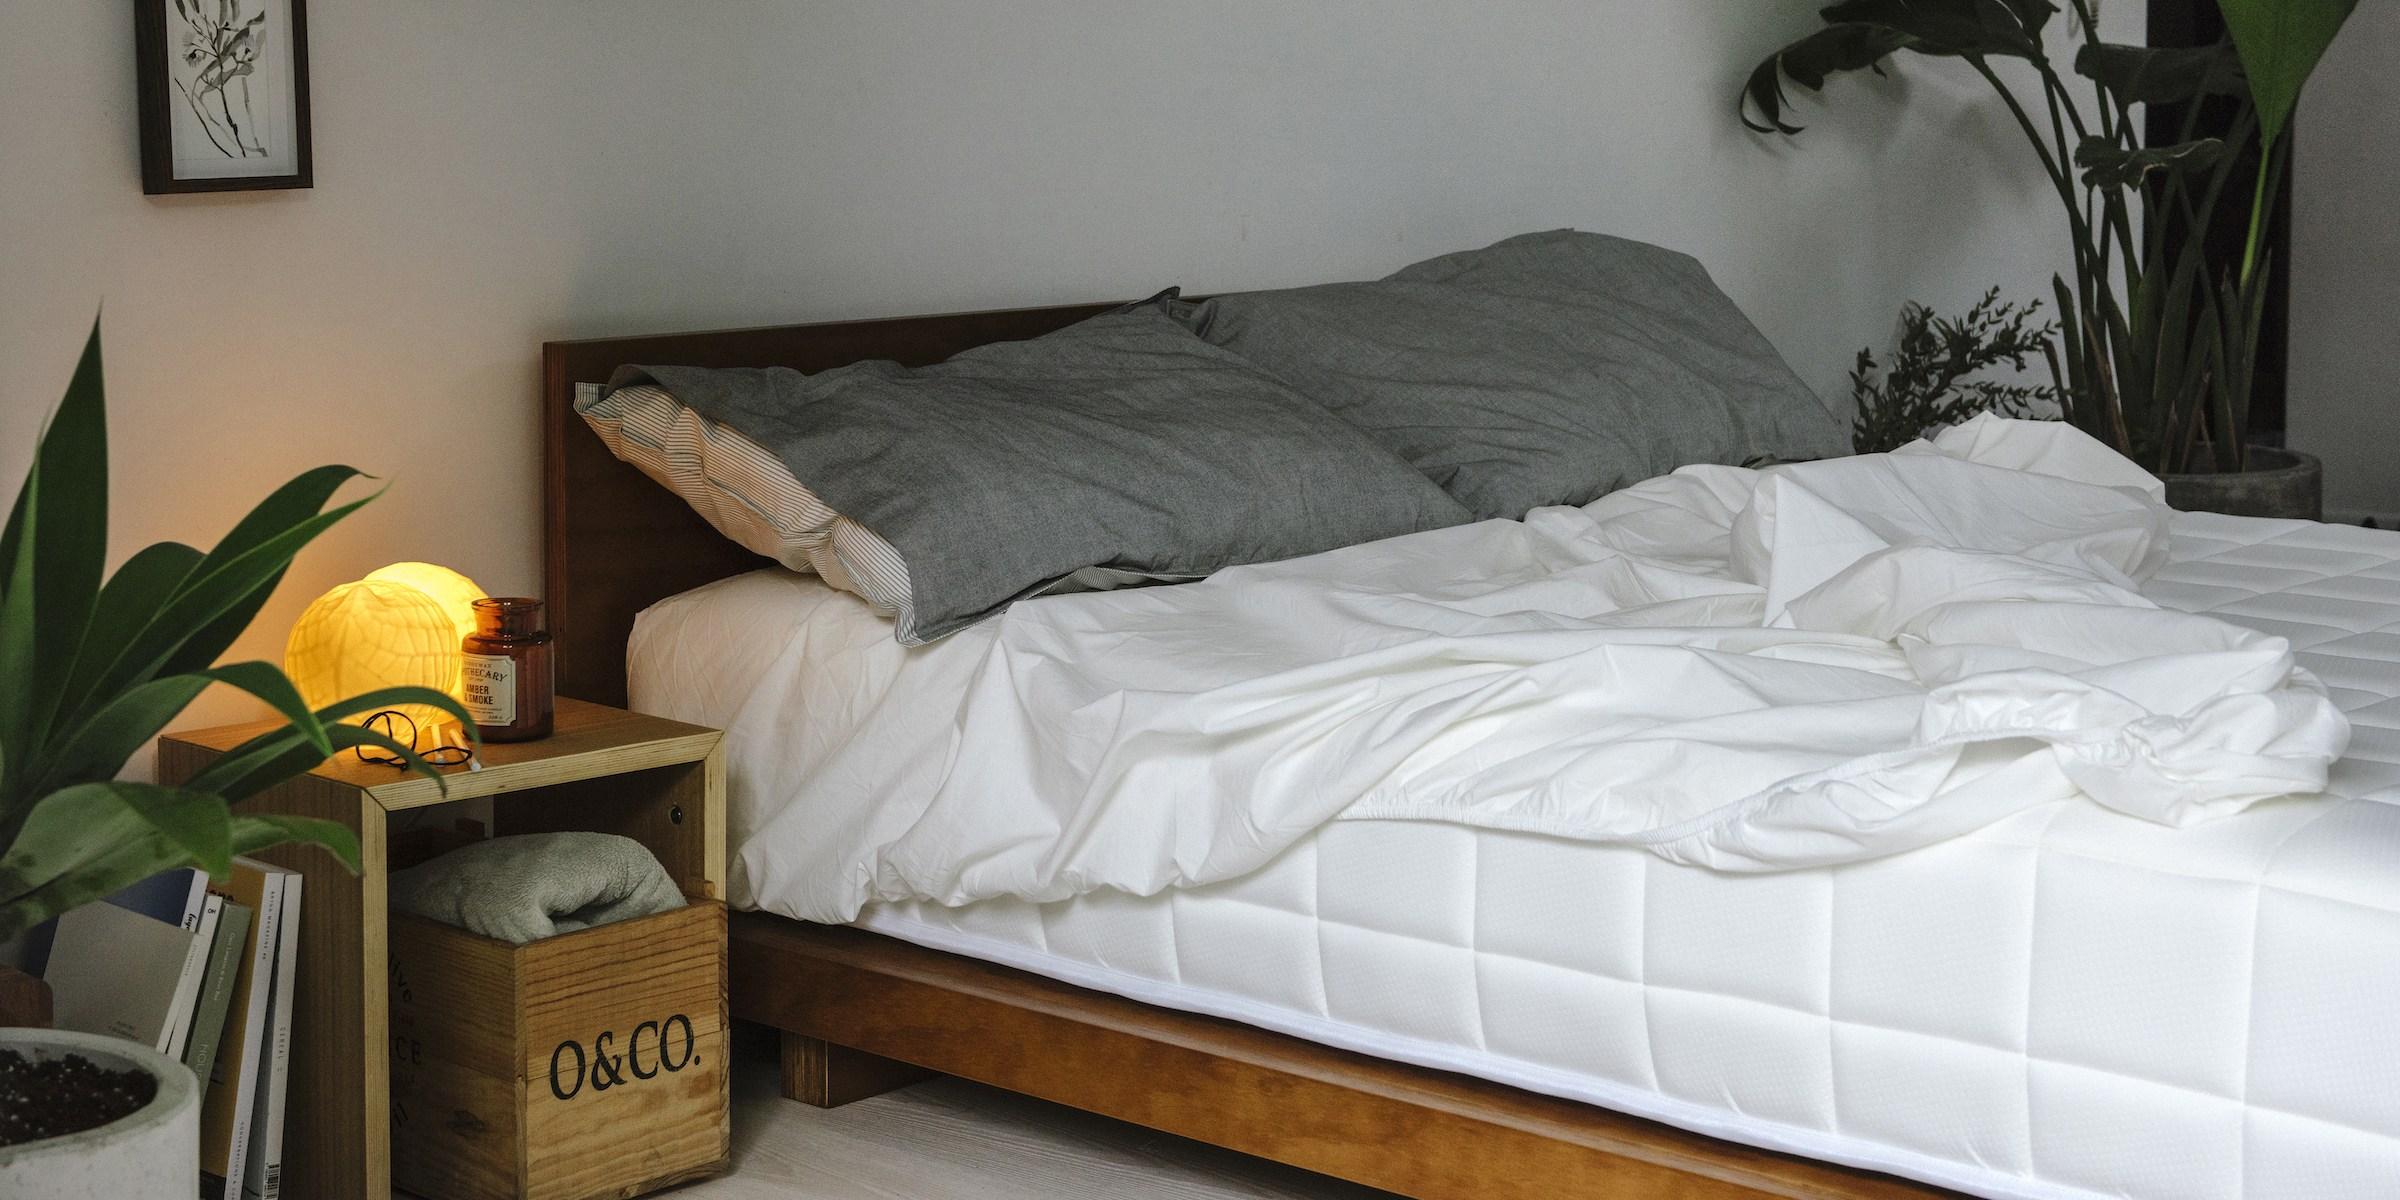 人人都需要一塊眠豆腐 Sleepy Tofu~100晚試睡計畫心得|睡個好覺其實很簡單~買個眠豆腐回家就對了!|優質床墊推薦